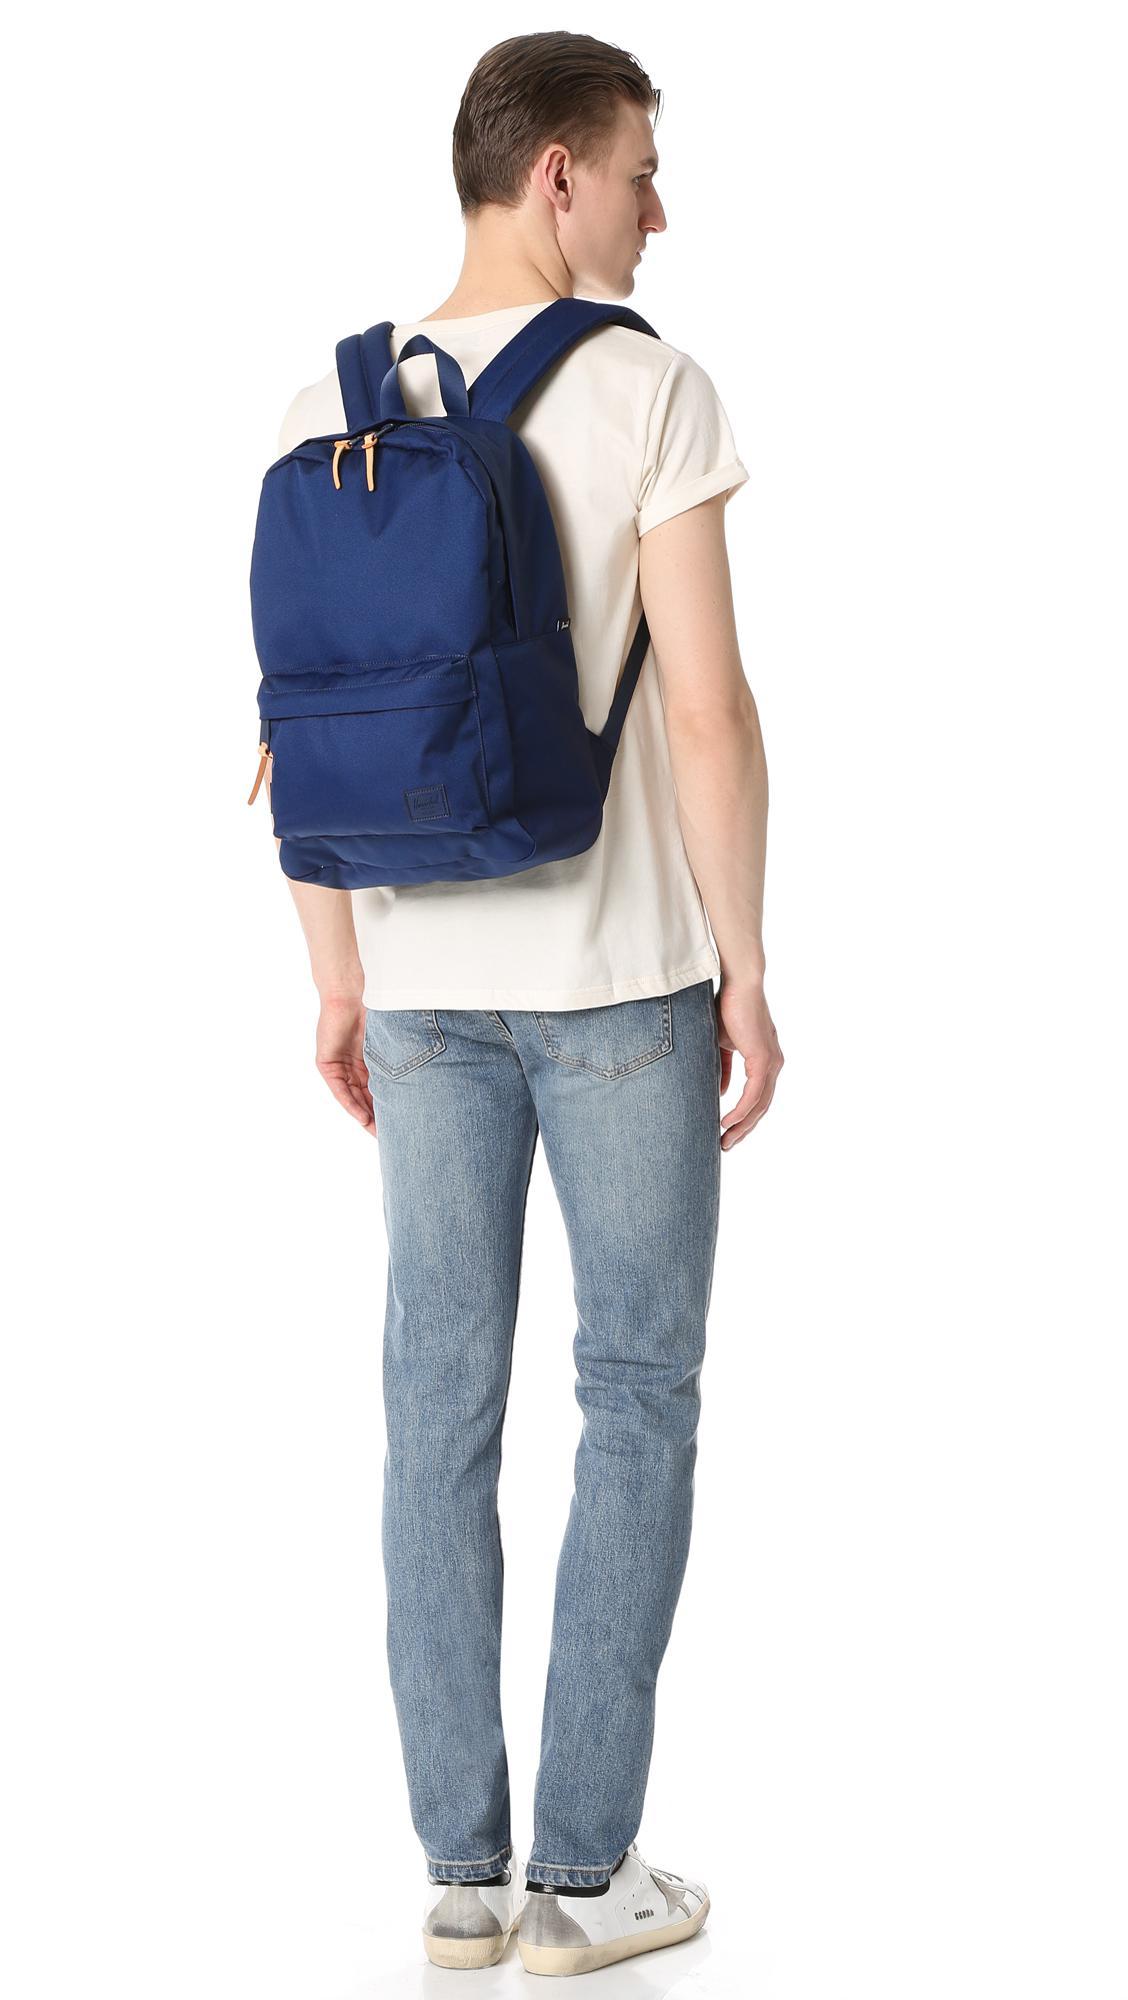 Herschel Supply Co. Cordura Winlaw Backpack in Blue for Men - Lyst 46888282d2738